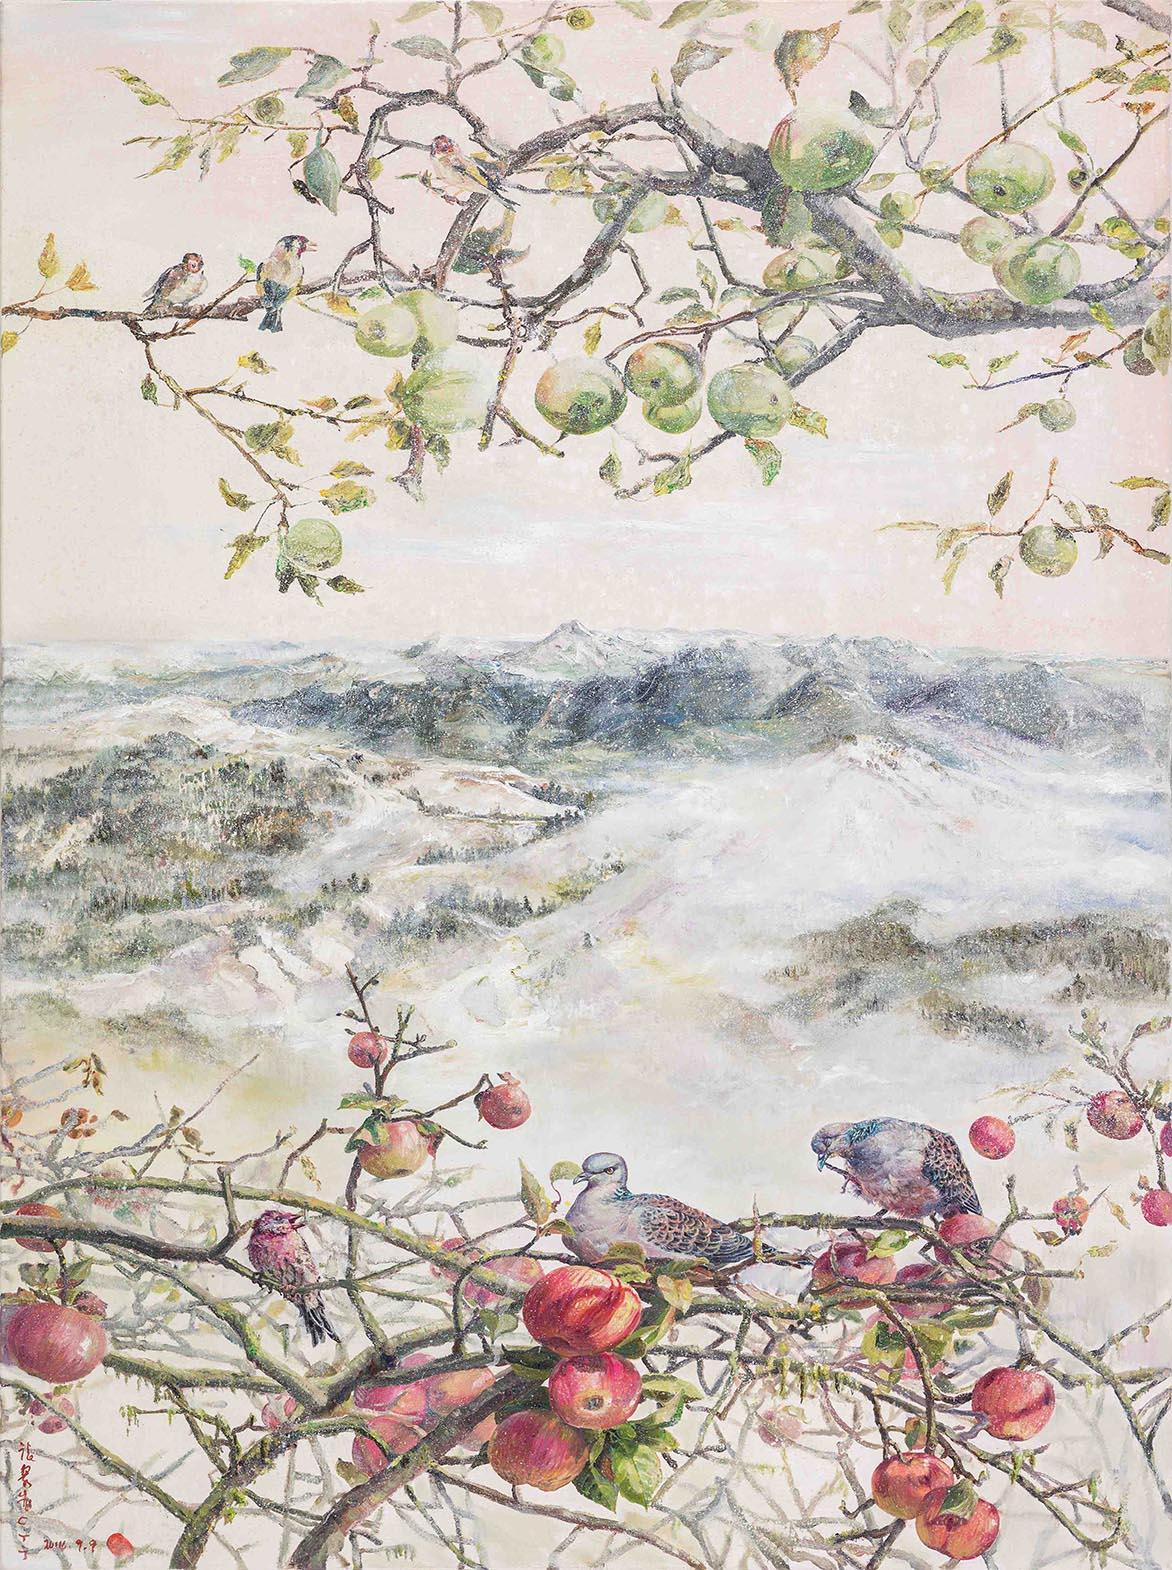 張翠容 蘋綠果紅冷不侵 複合媒材、麻布 130.3×97.3cm (60F)